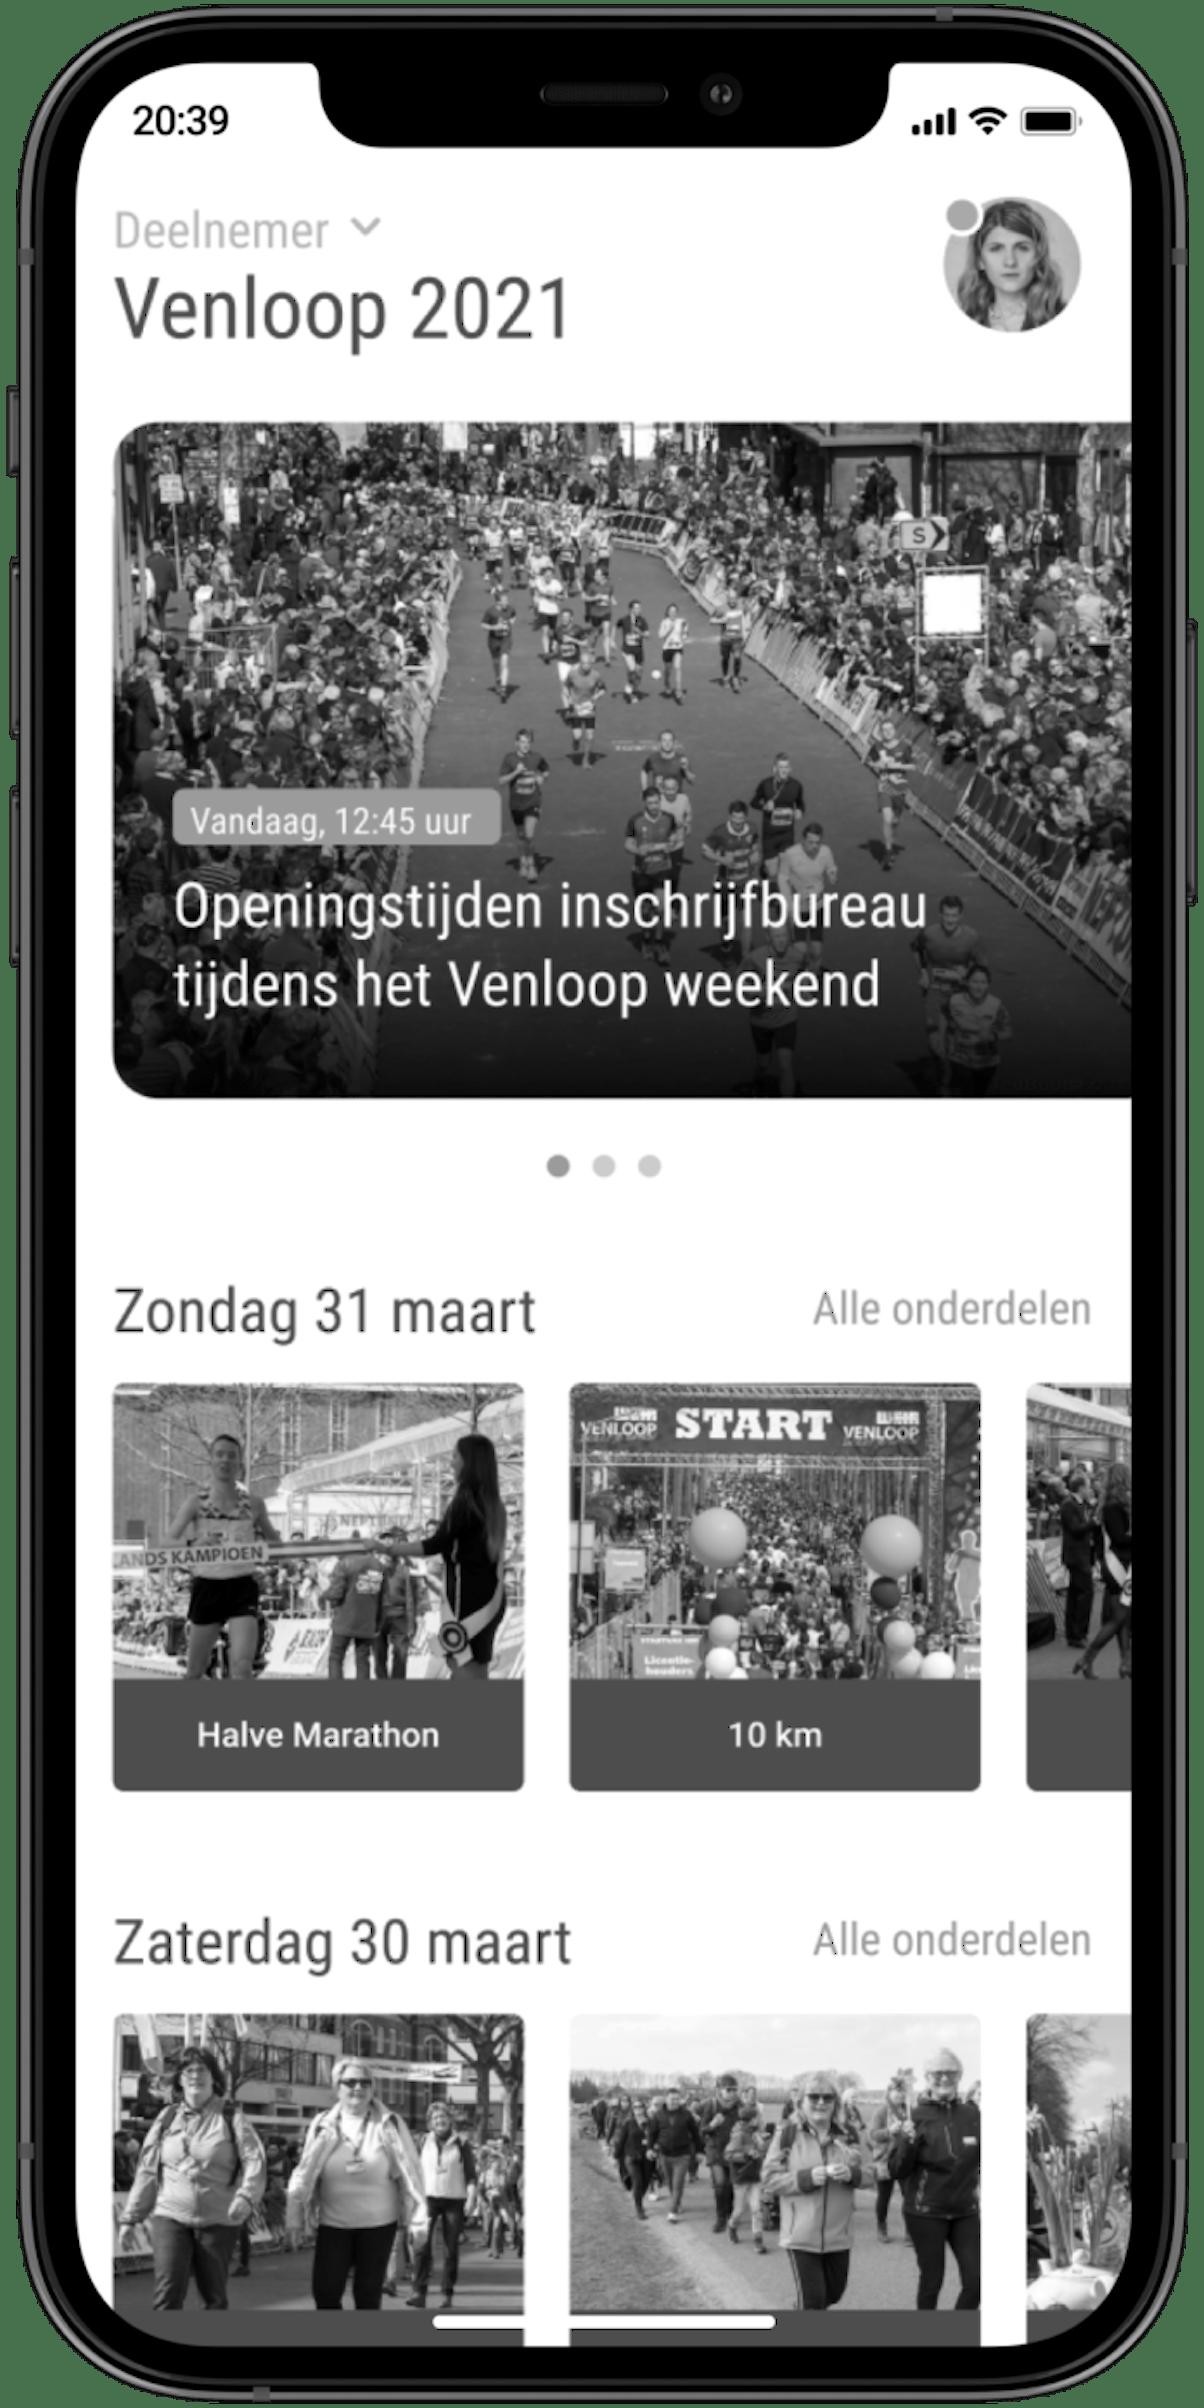 Venloop overzichtsafbeelding